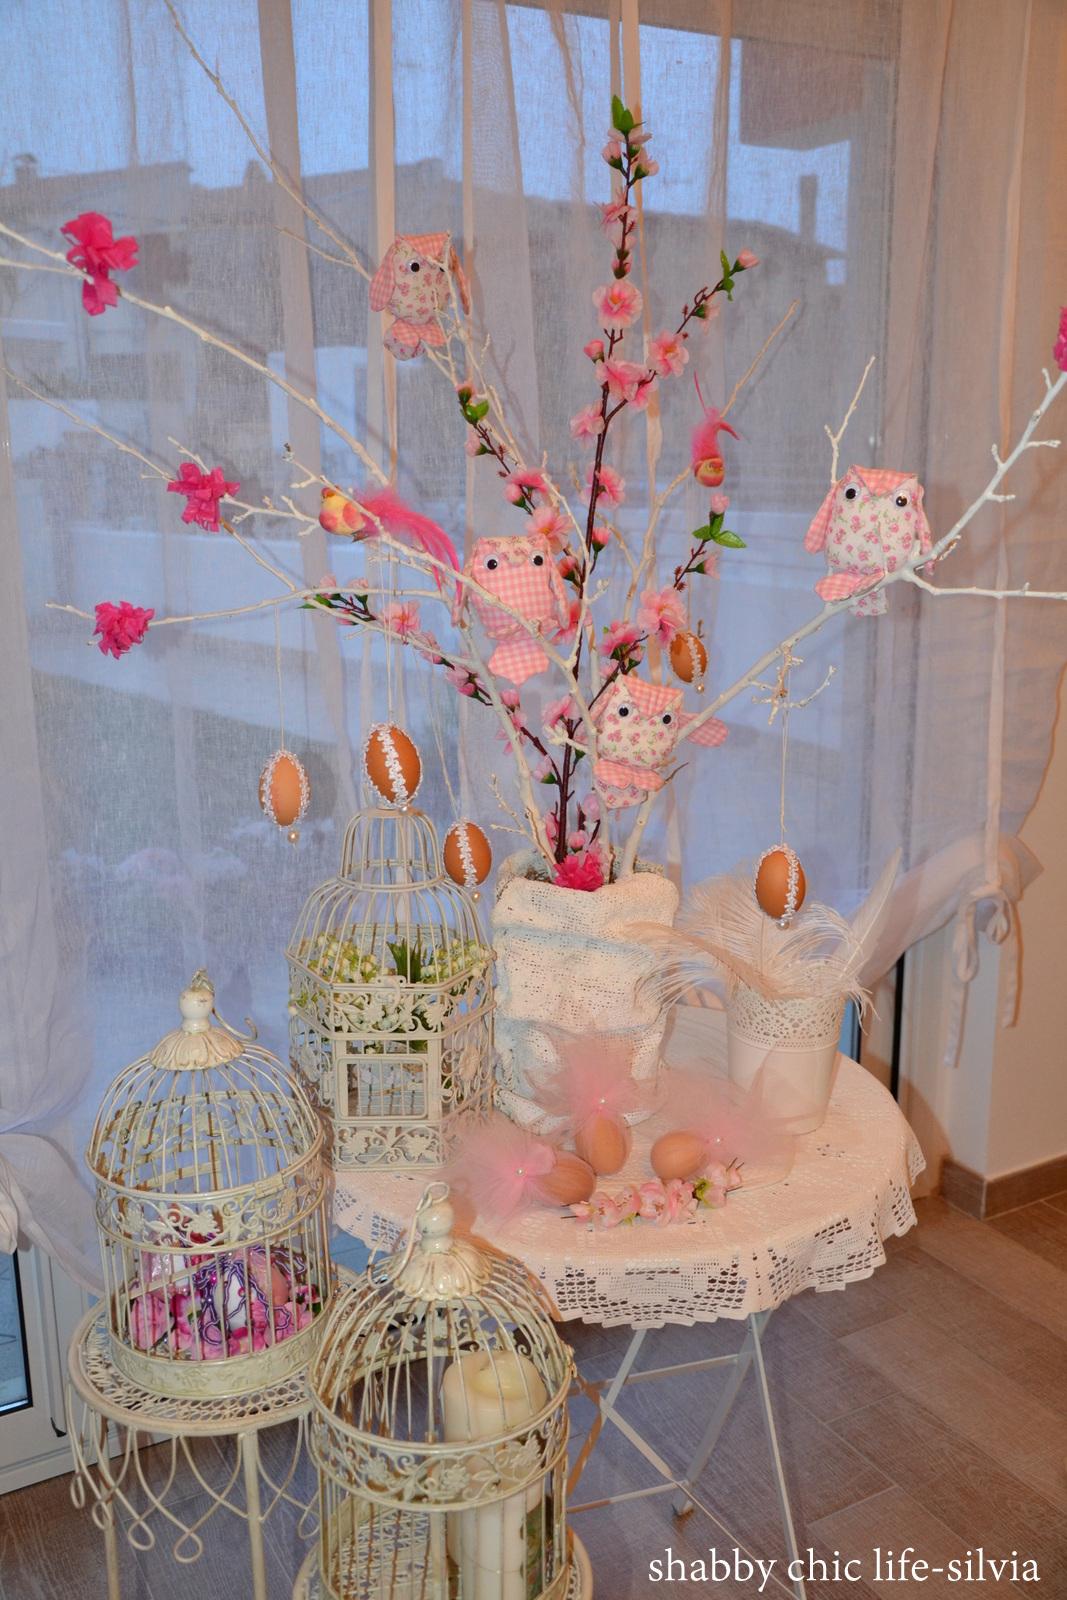 Shabbychiclife festa di primavera uccellini e coniglietti for La maison de rose arredamento shabby chic country provenzale roma